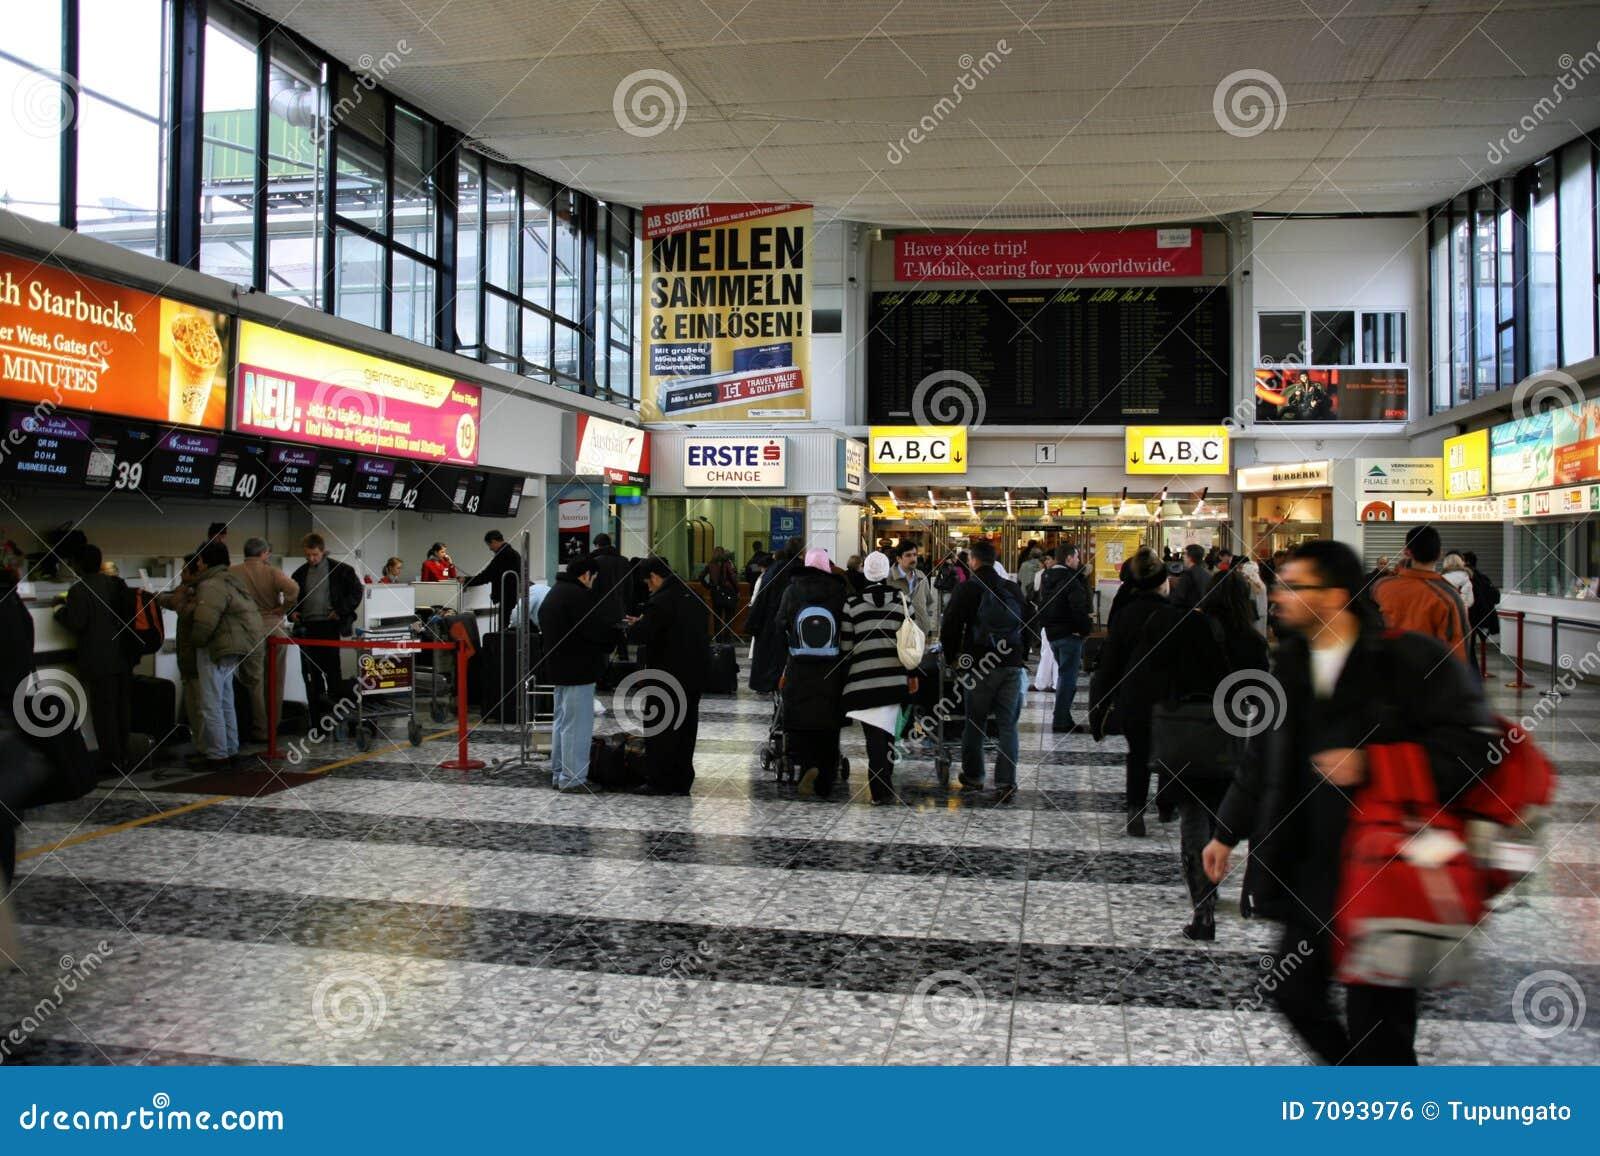 Aeroporto Vienna : Aeroporto di vienna fotografia editoriale immagine